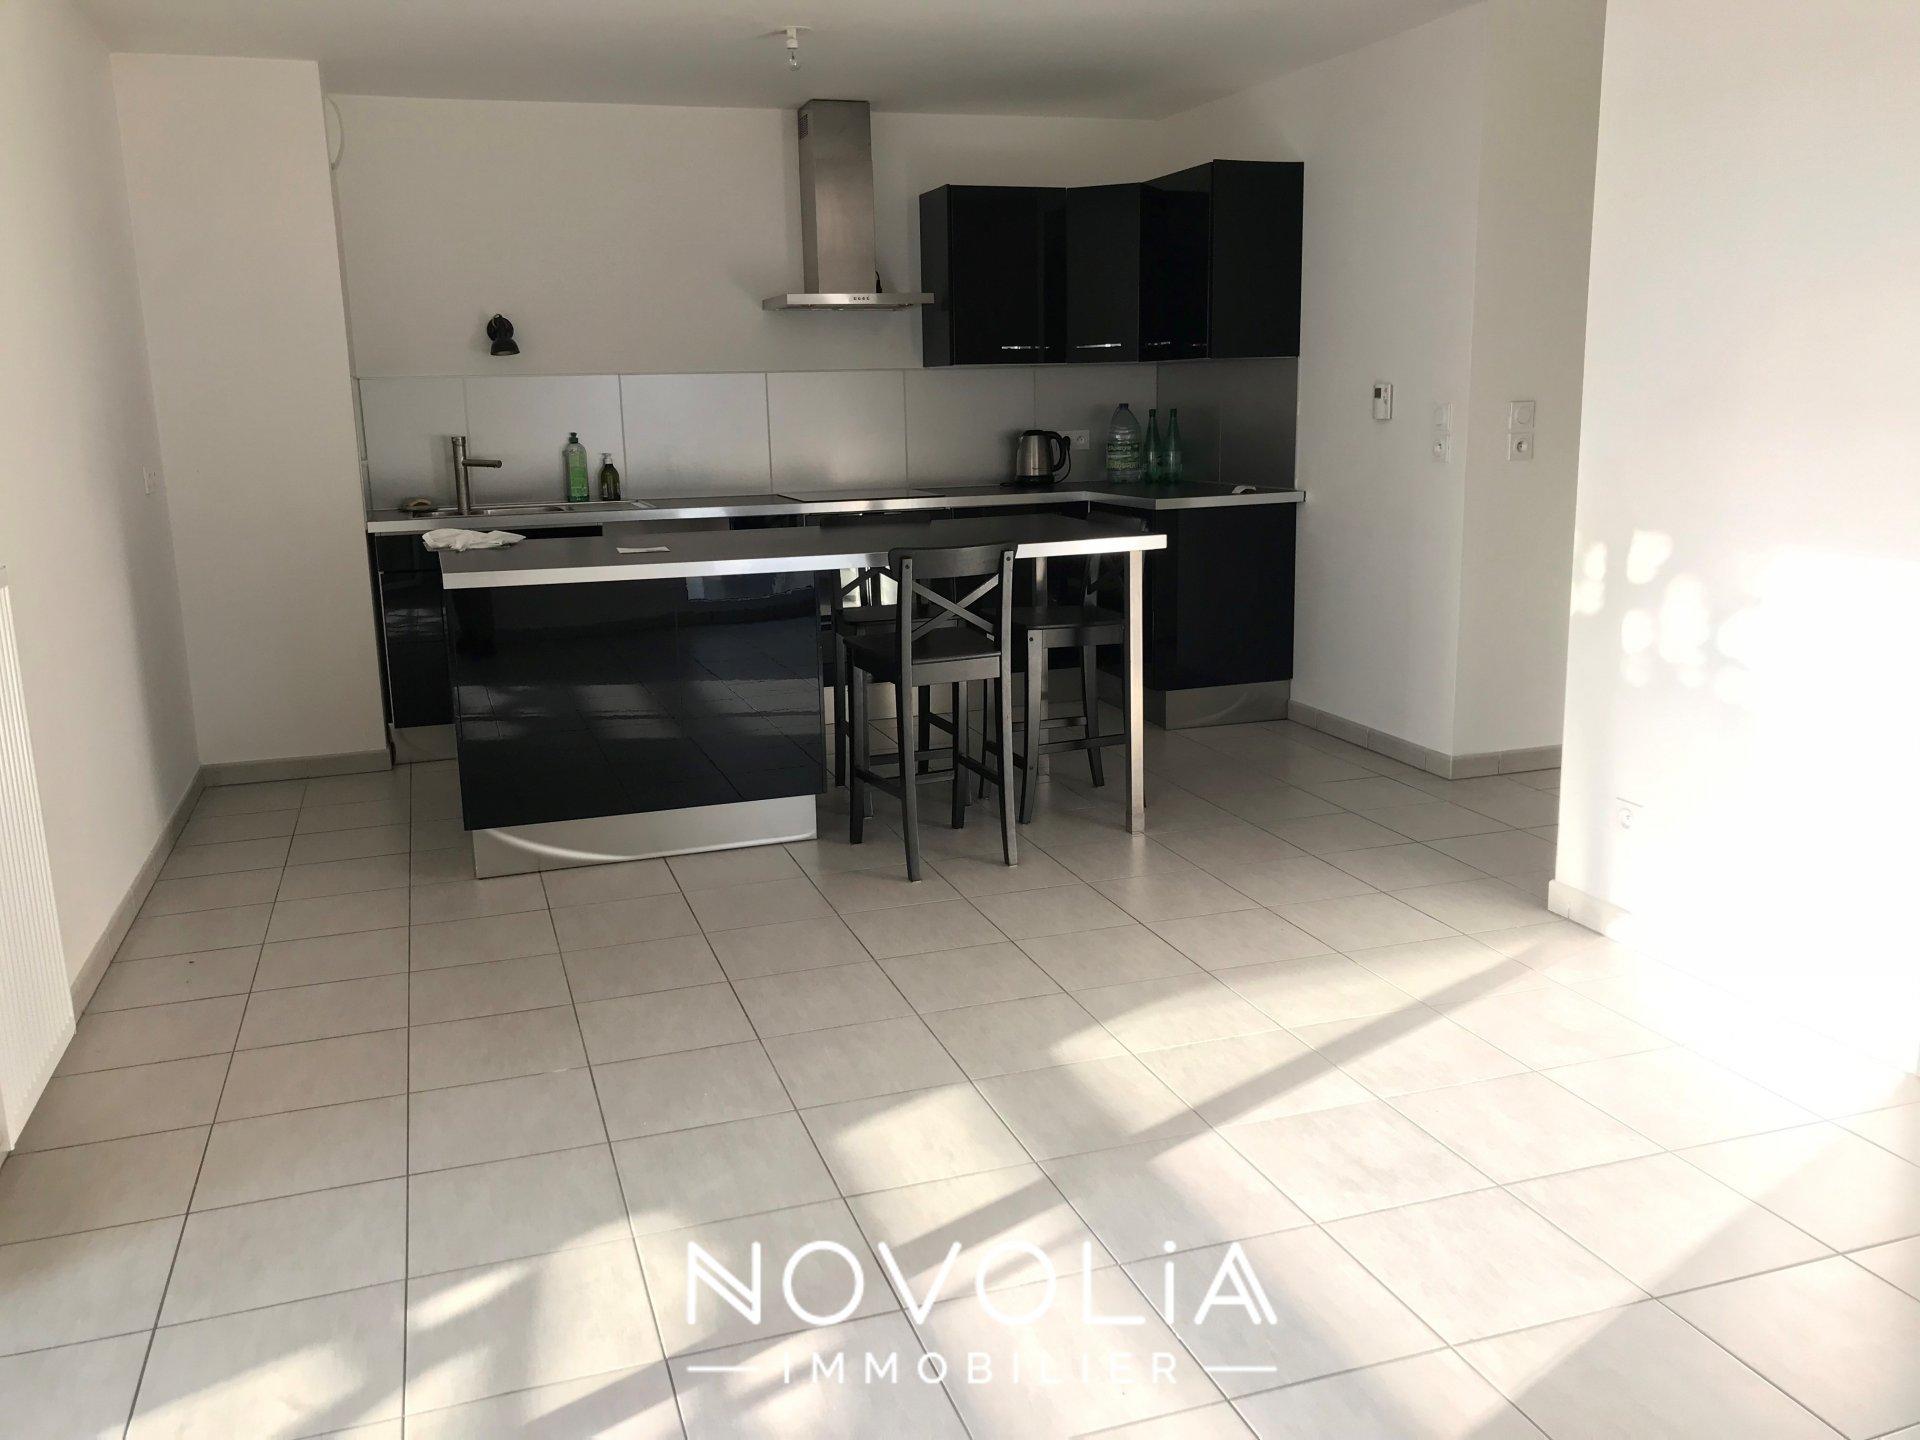 Achat Appartement, Surface de 63.82 m²/ Total carrez : 63.82 m², 3 pièces, Villeurbanne (69100)